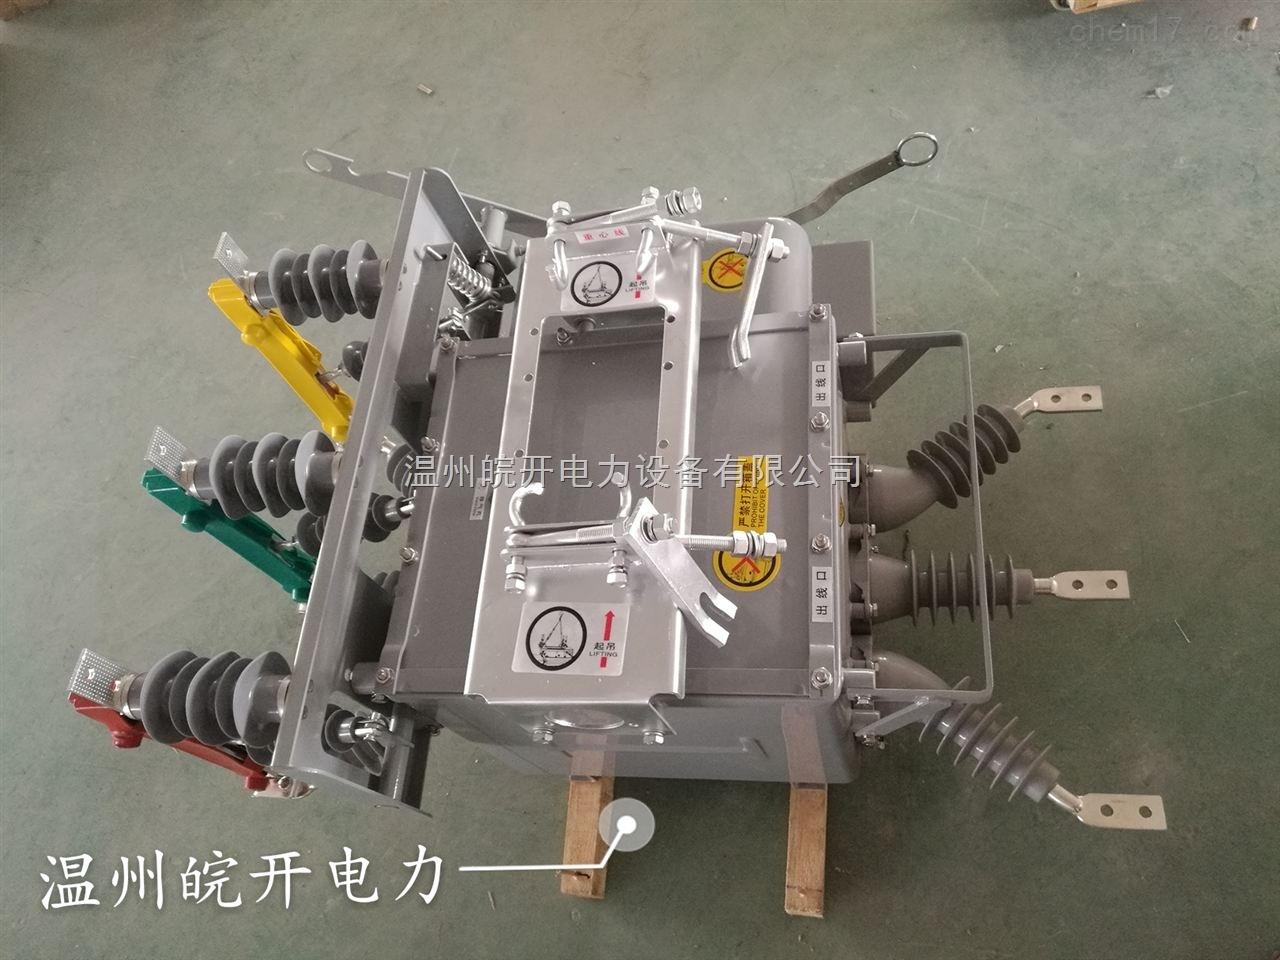 请问国产ZW20-12F/630-20智能分界开关哪家便宜? 五、断路器本体的基本结构 5.1 断路器本体结构见图1 断路器本体结构由导电回路、绝缘系统、密封件及壳体组成(如图1),其外形如图2。 导电回路由进出线导电杆、导电夹、软连结与真空灭弧室连接而成。 本产品采用SF6气体绝缘。进出线绝缘套管采用环氧树脂和硅橡胶整体浇注,为减少开关体积,A、C两相采用拐角套管,保证良好的外绝缘;内部采用复合绝缘结构,在不充SF6气体的情况下,也能达到相应的绝缘水平。 本产品采用成熟的密封结构。机构罩及壳体上盖采用冲